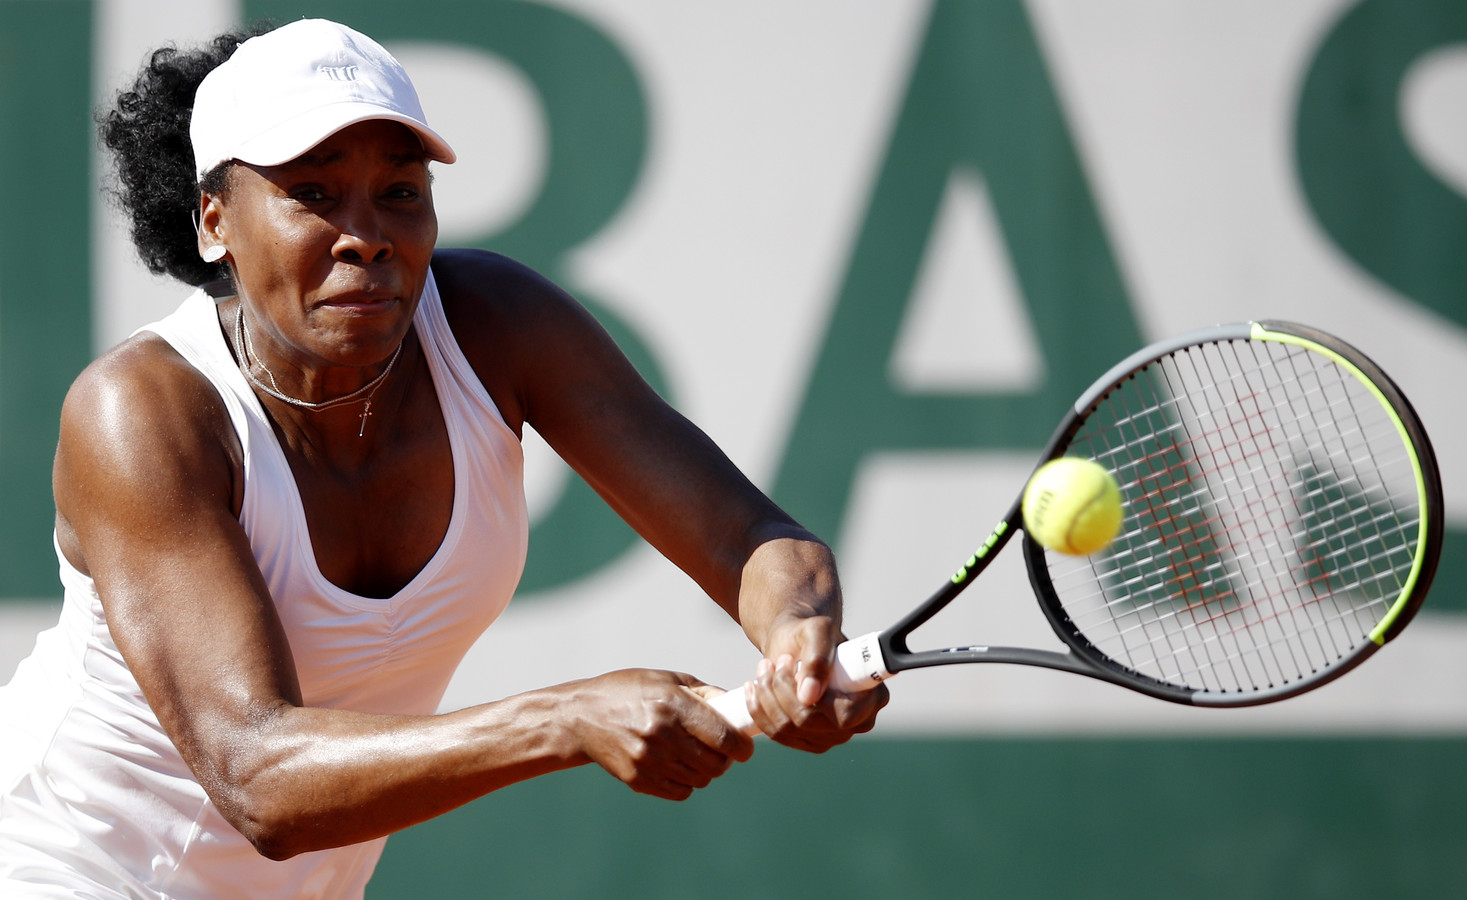 Venus Williams staat niet meer hoog genoeg op de wereldranglijst om rechtstreeks toegelaten te worden.